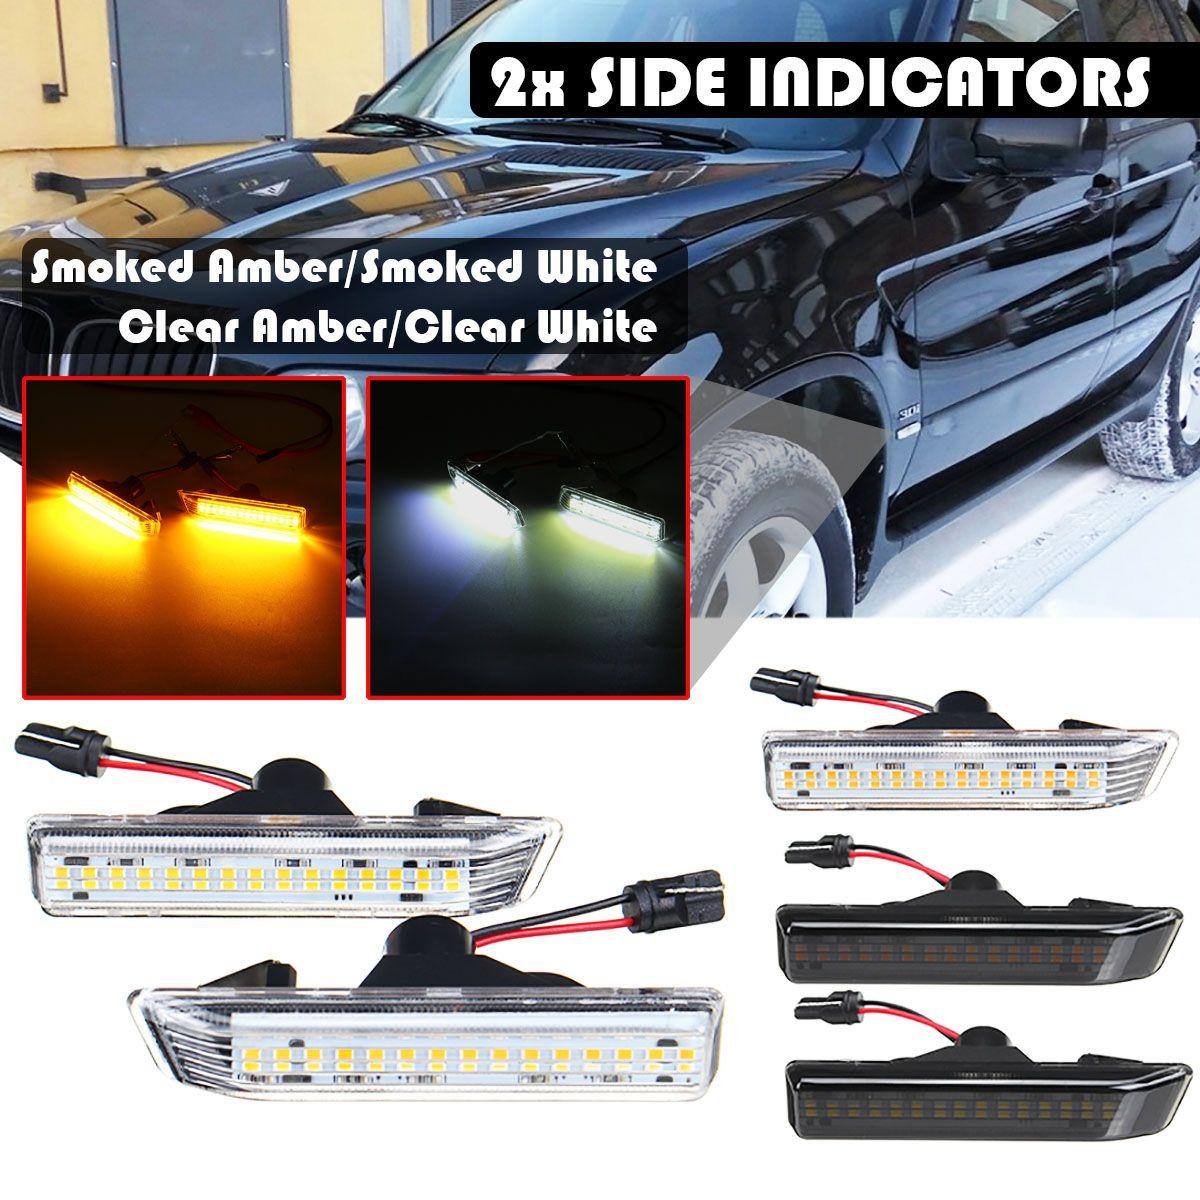 2pcs LED Side Marker Lights 12V Turn Signal Light Panel Lamp Blinker Side Indicator For BMW 3 SERIES E36 For Coupe X5 E53 00-06